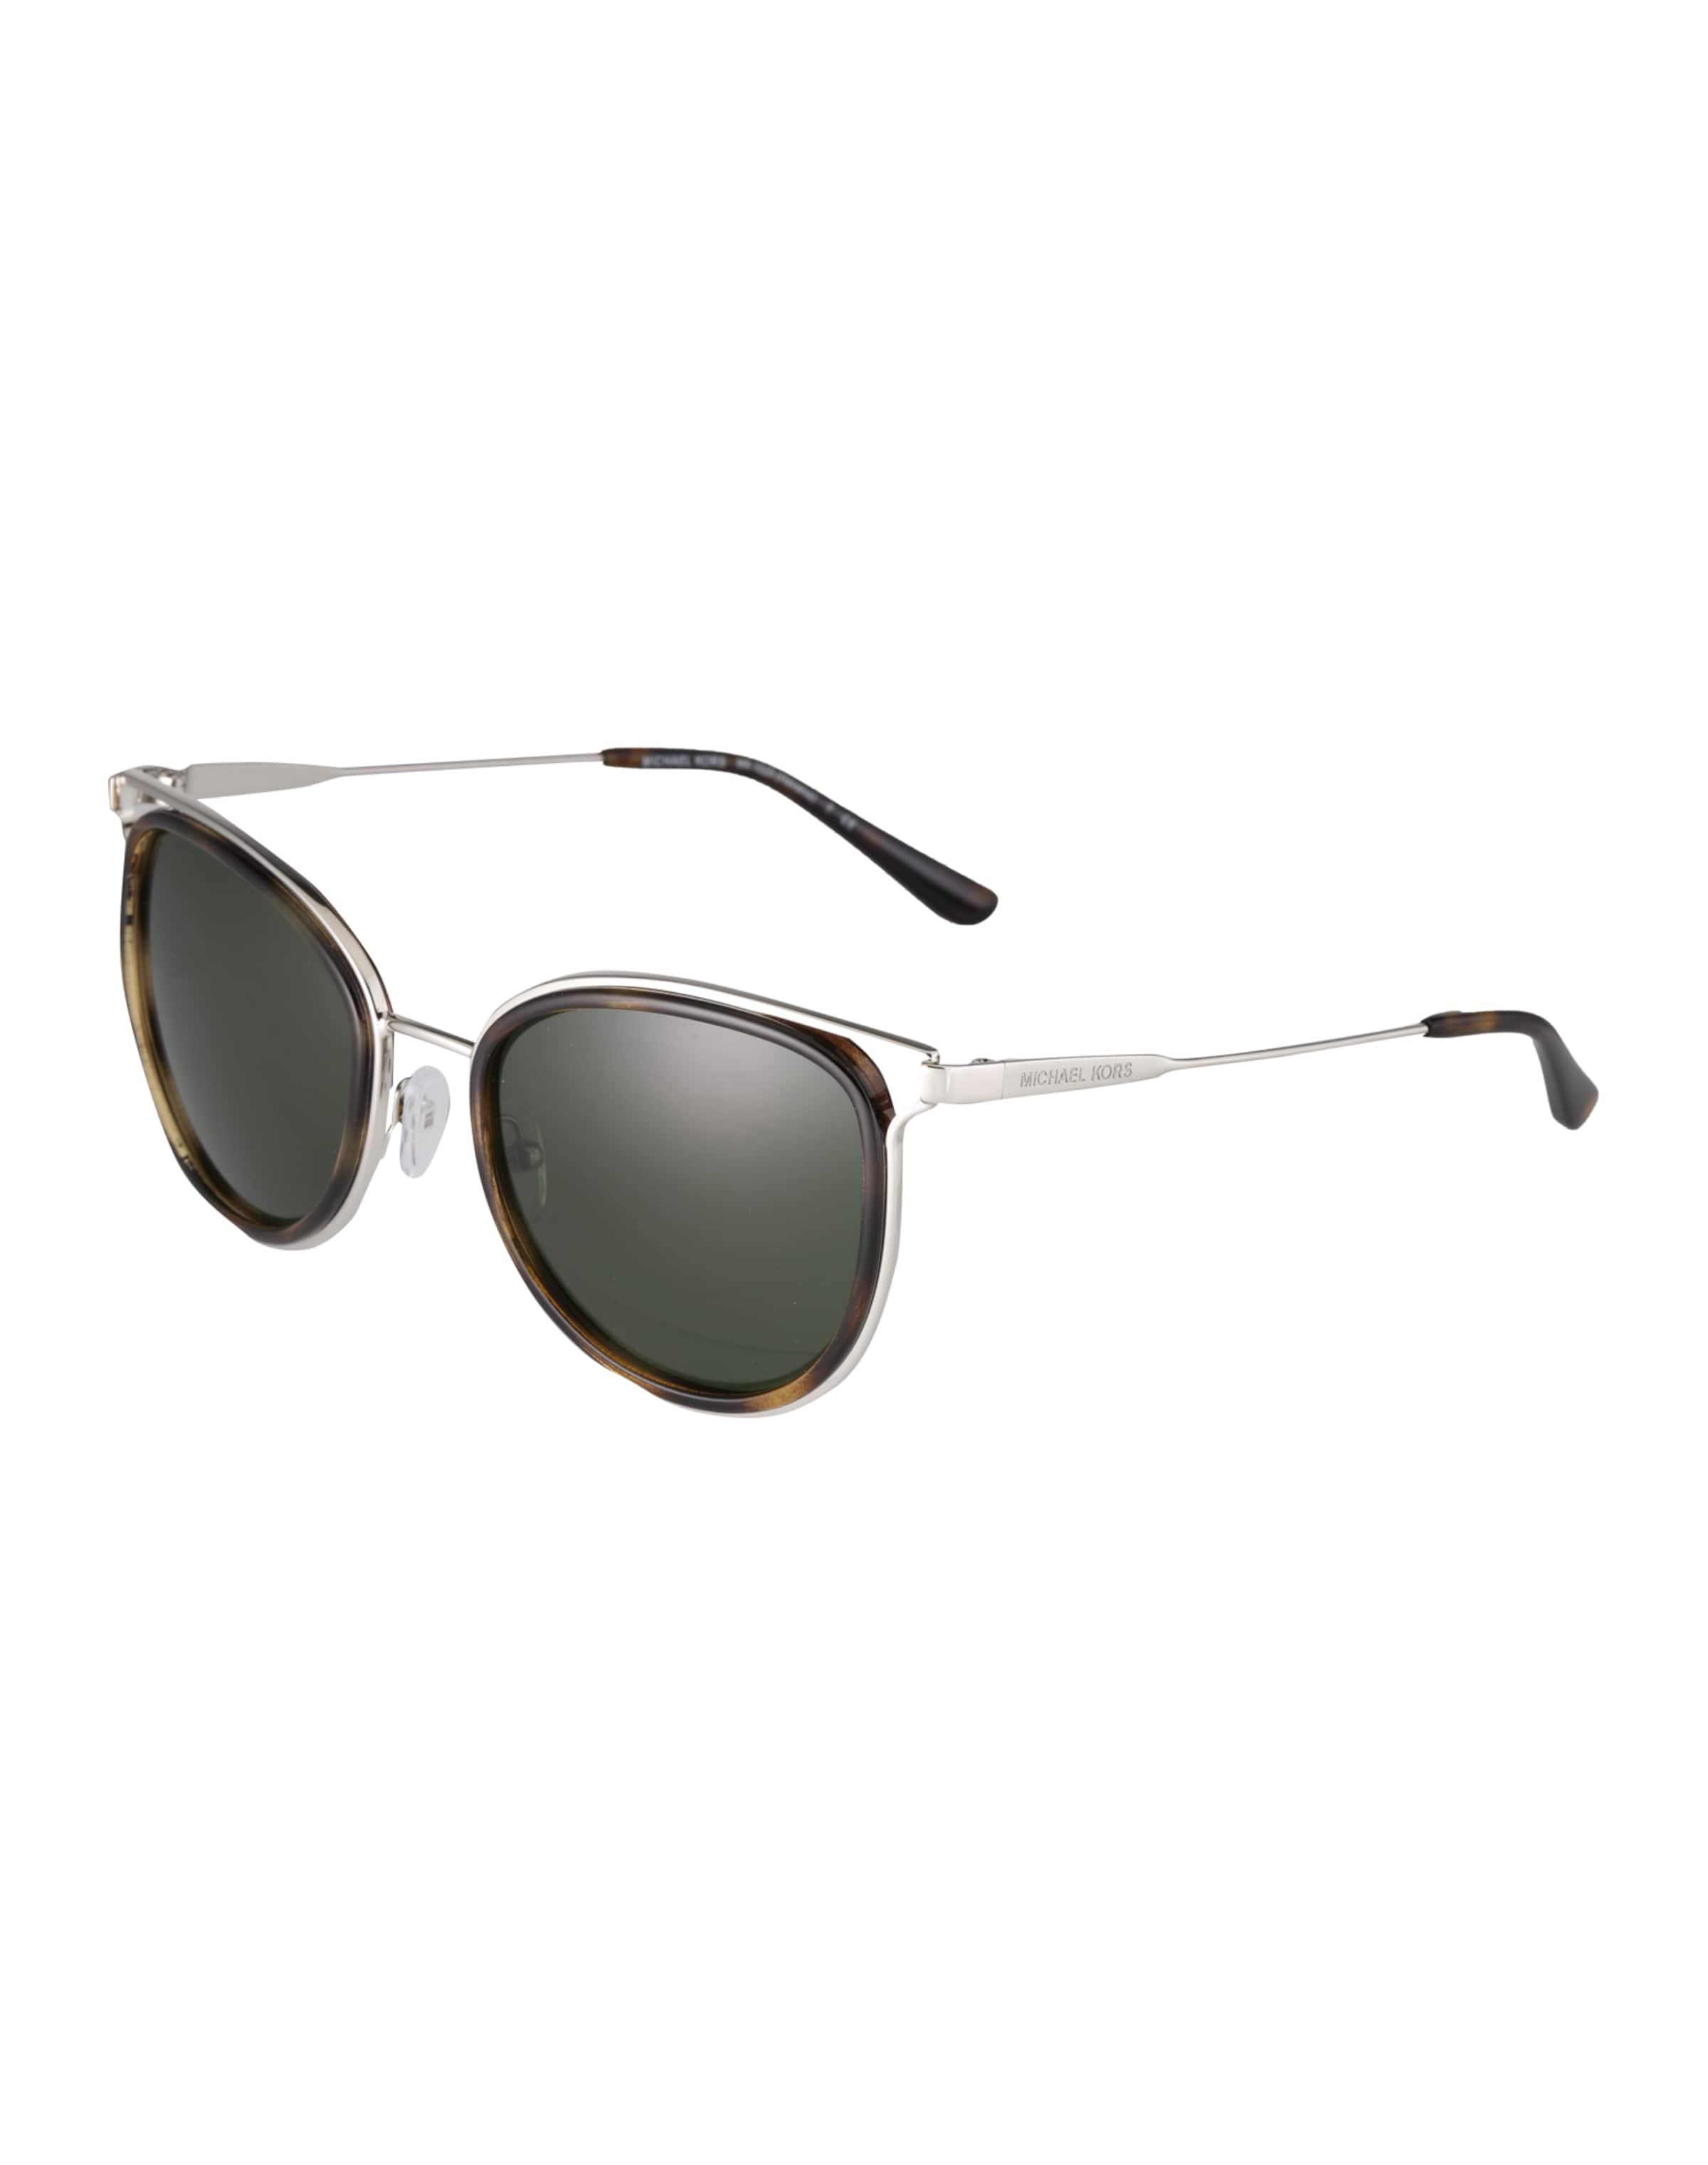 Michael Kors Sonnenbrille mit Metallrahmen Mit Mastercard Zum Verkauf JjcVNi